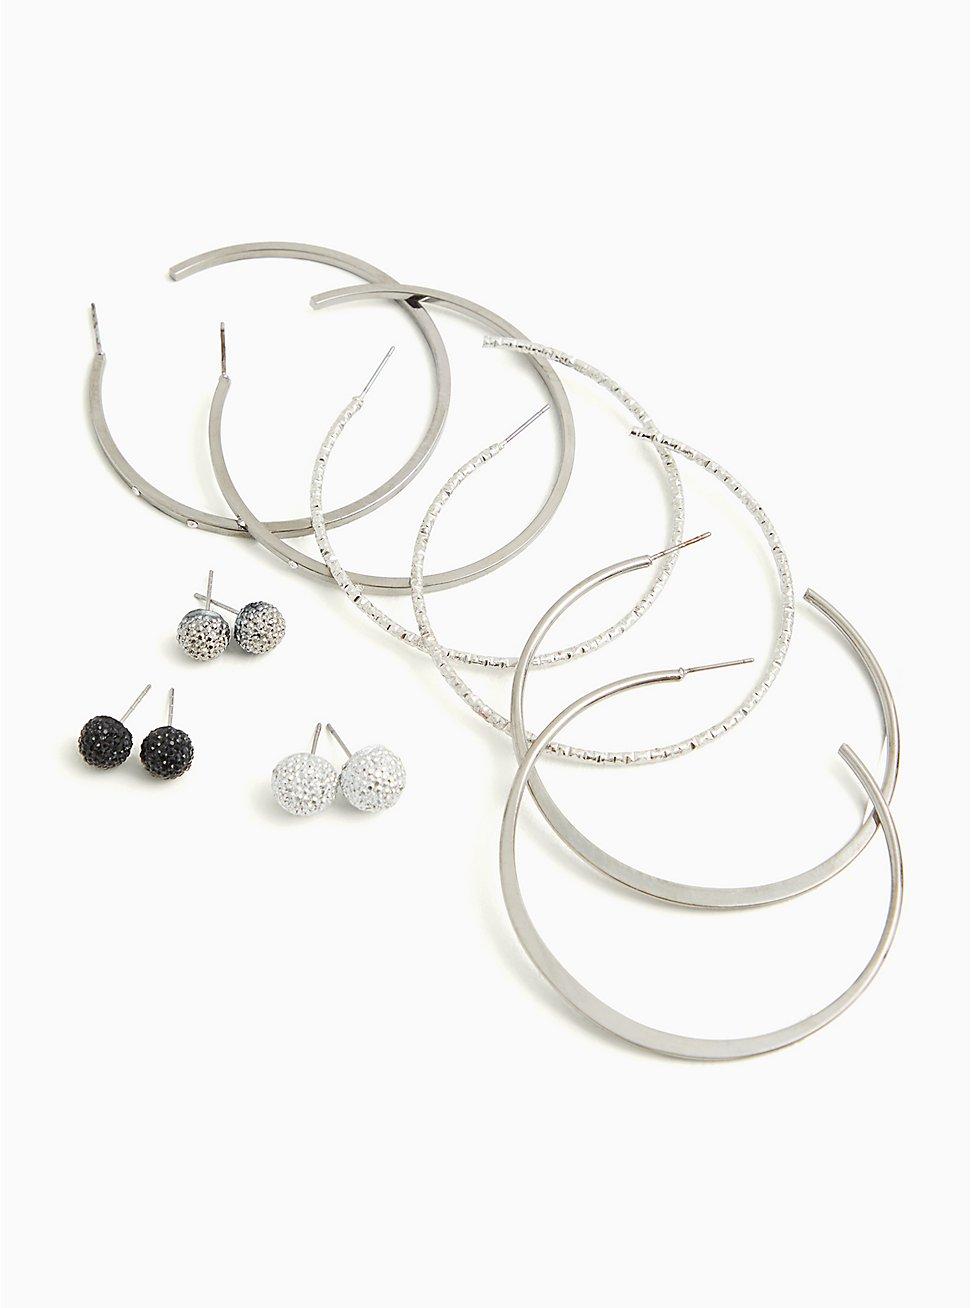 Black & Silver-Tone Embellished Ball Stud & Hoop Earrings- Set Of 6, , hi-res